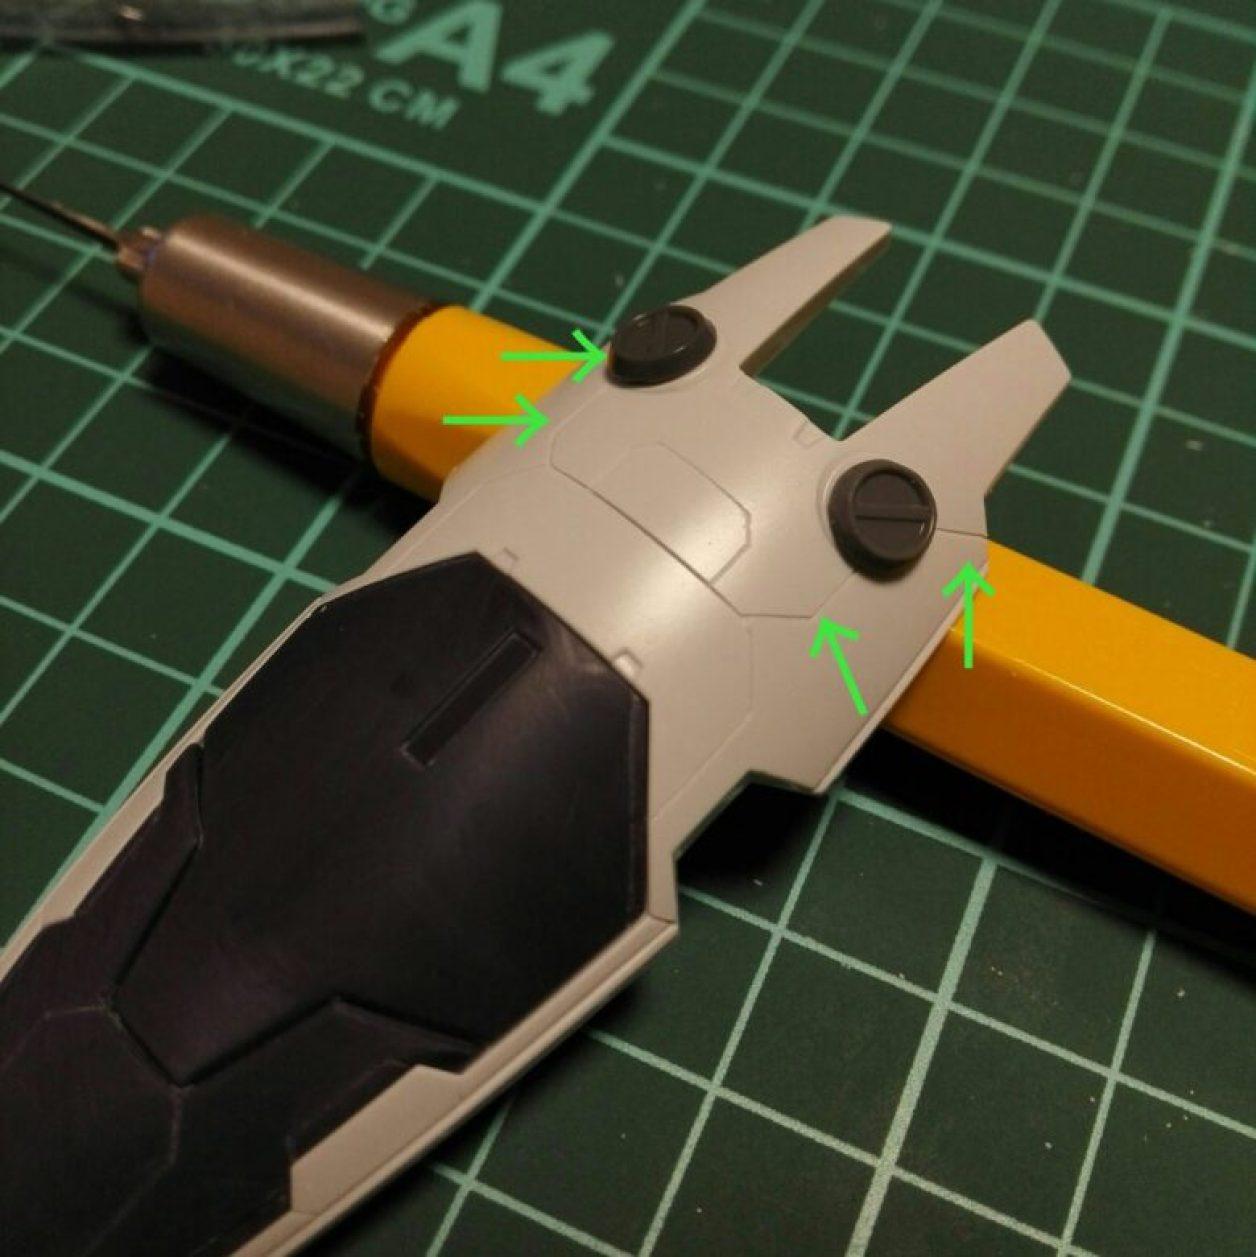 HGUC ガンダムTR-1[ヘイズル改]のジム系MS用シールドにマスキングテープでガイドを作ってスジボリした画像